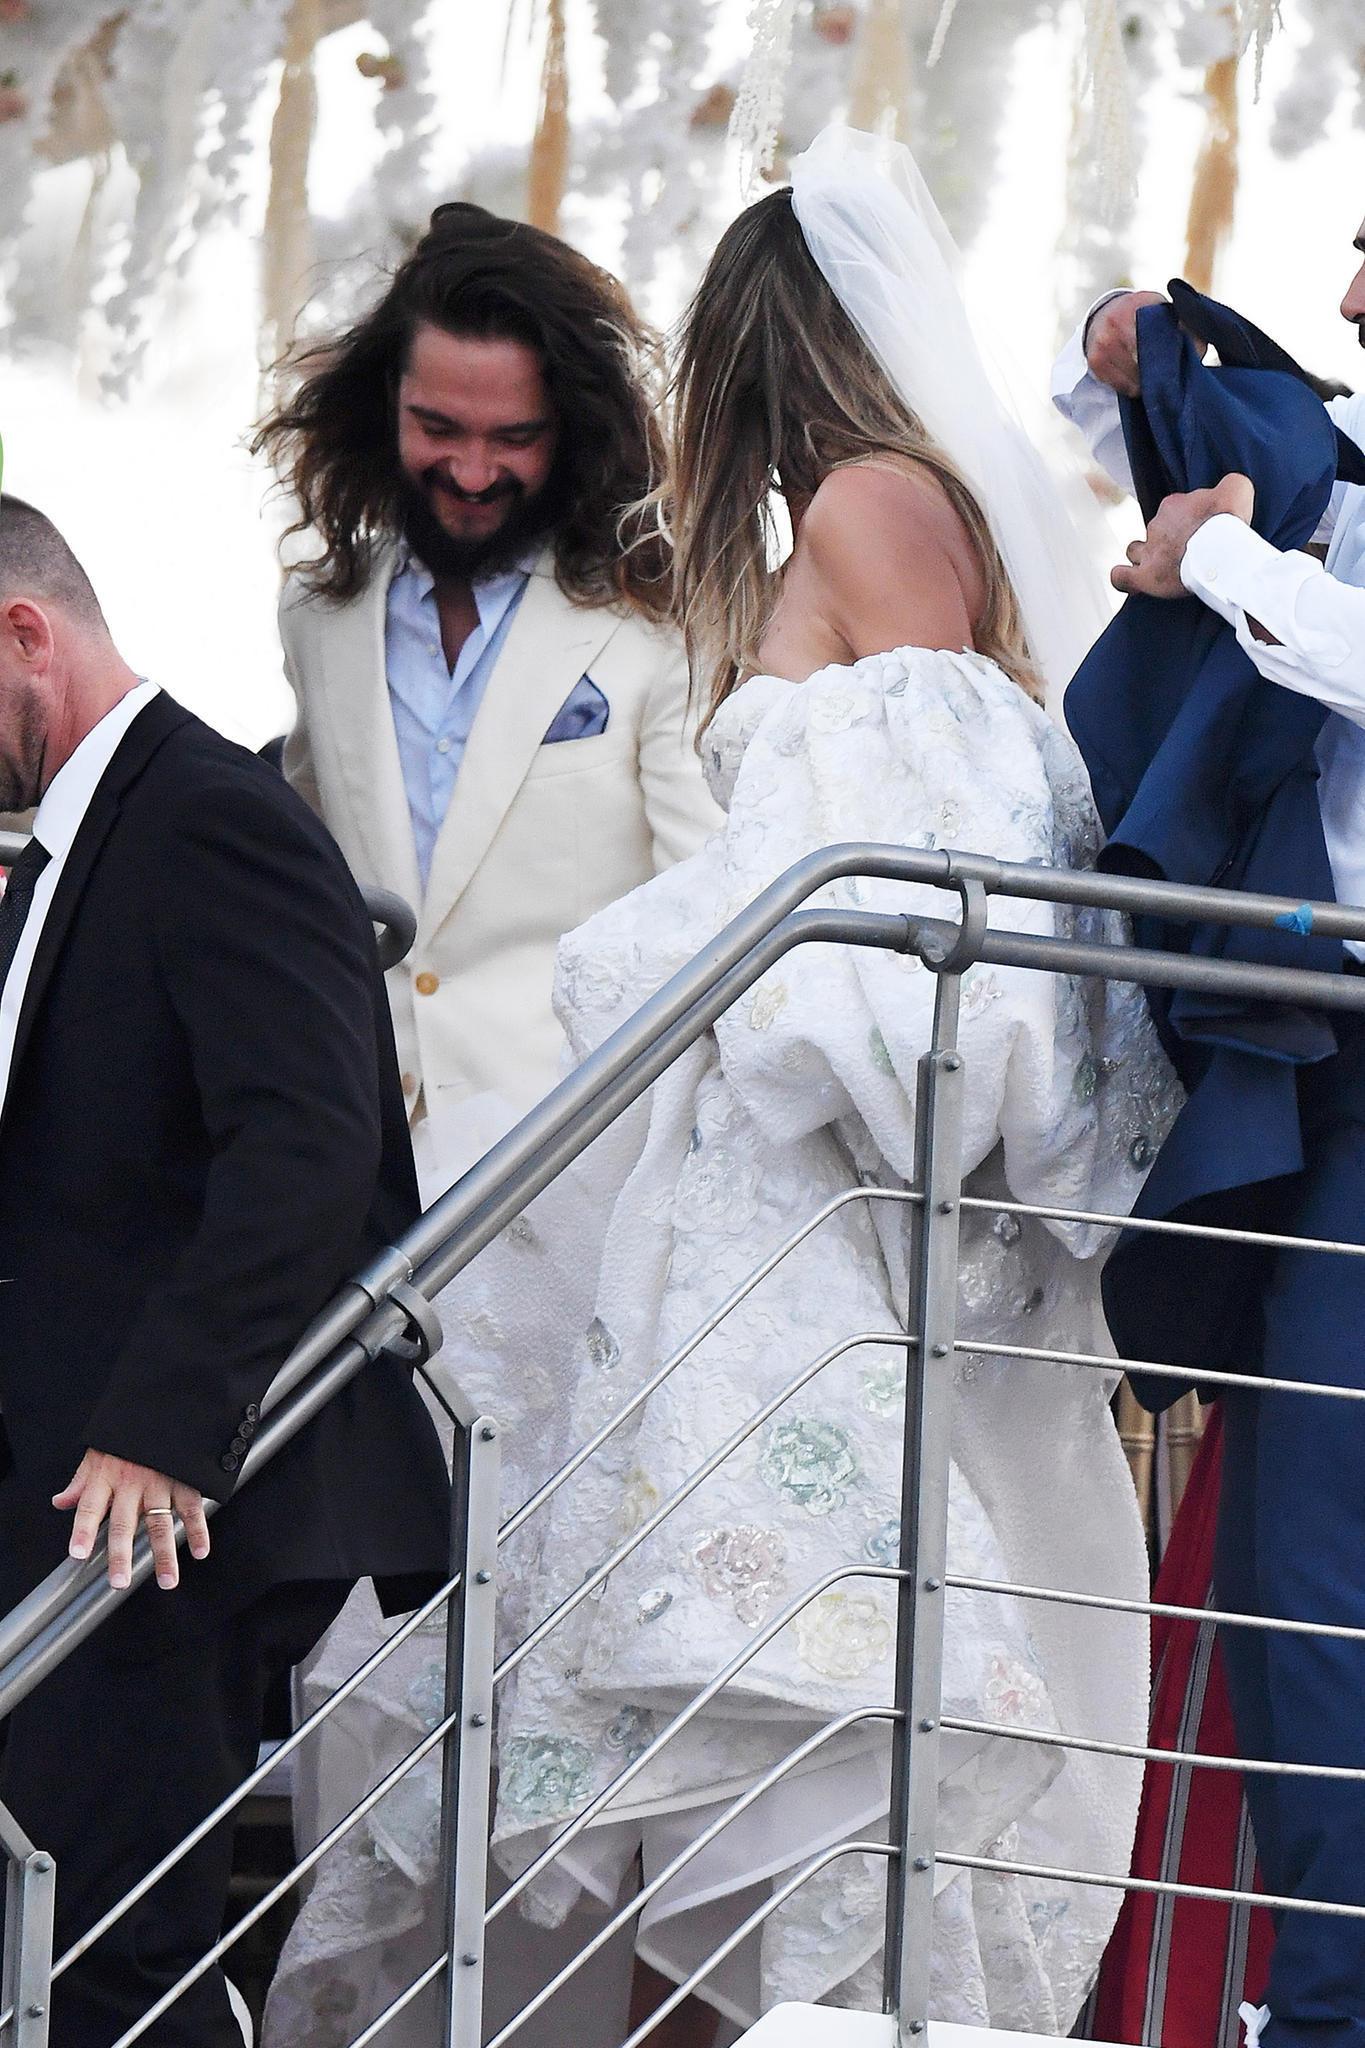 Hochzeit Von Heidi Klum: Verheiratet! Details Zum Jawort Mit